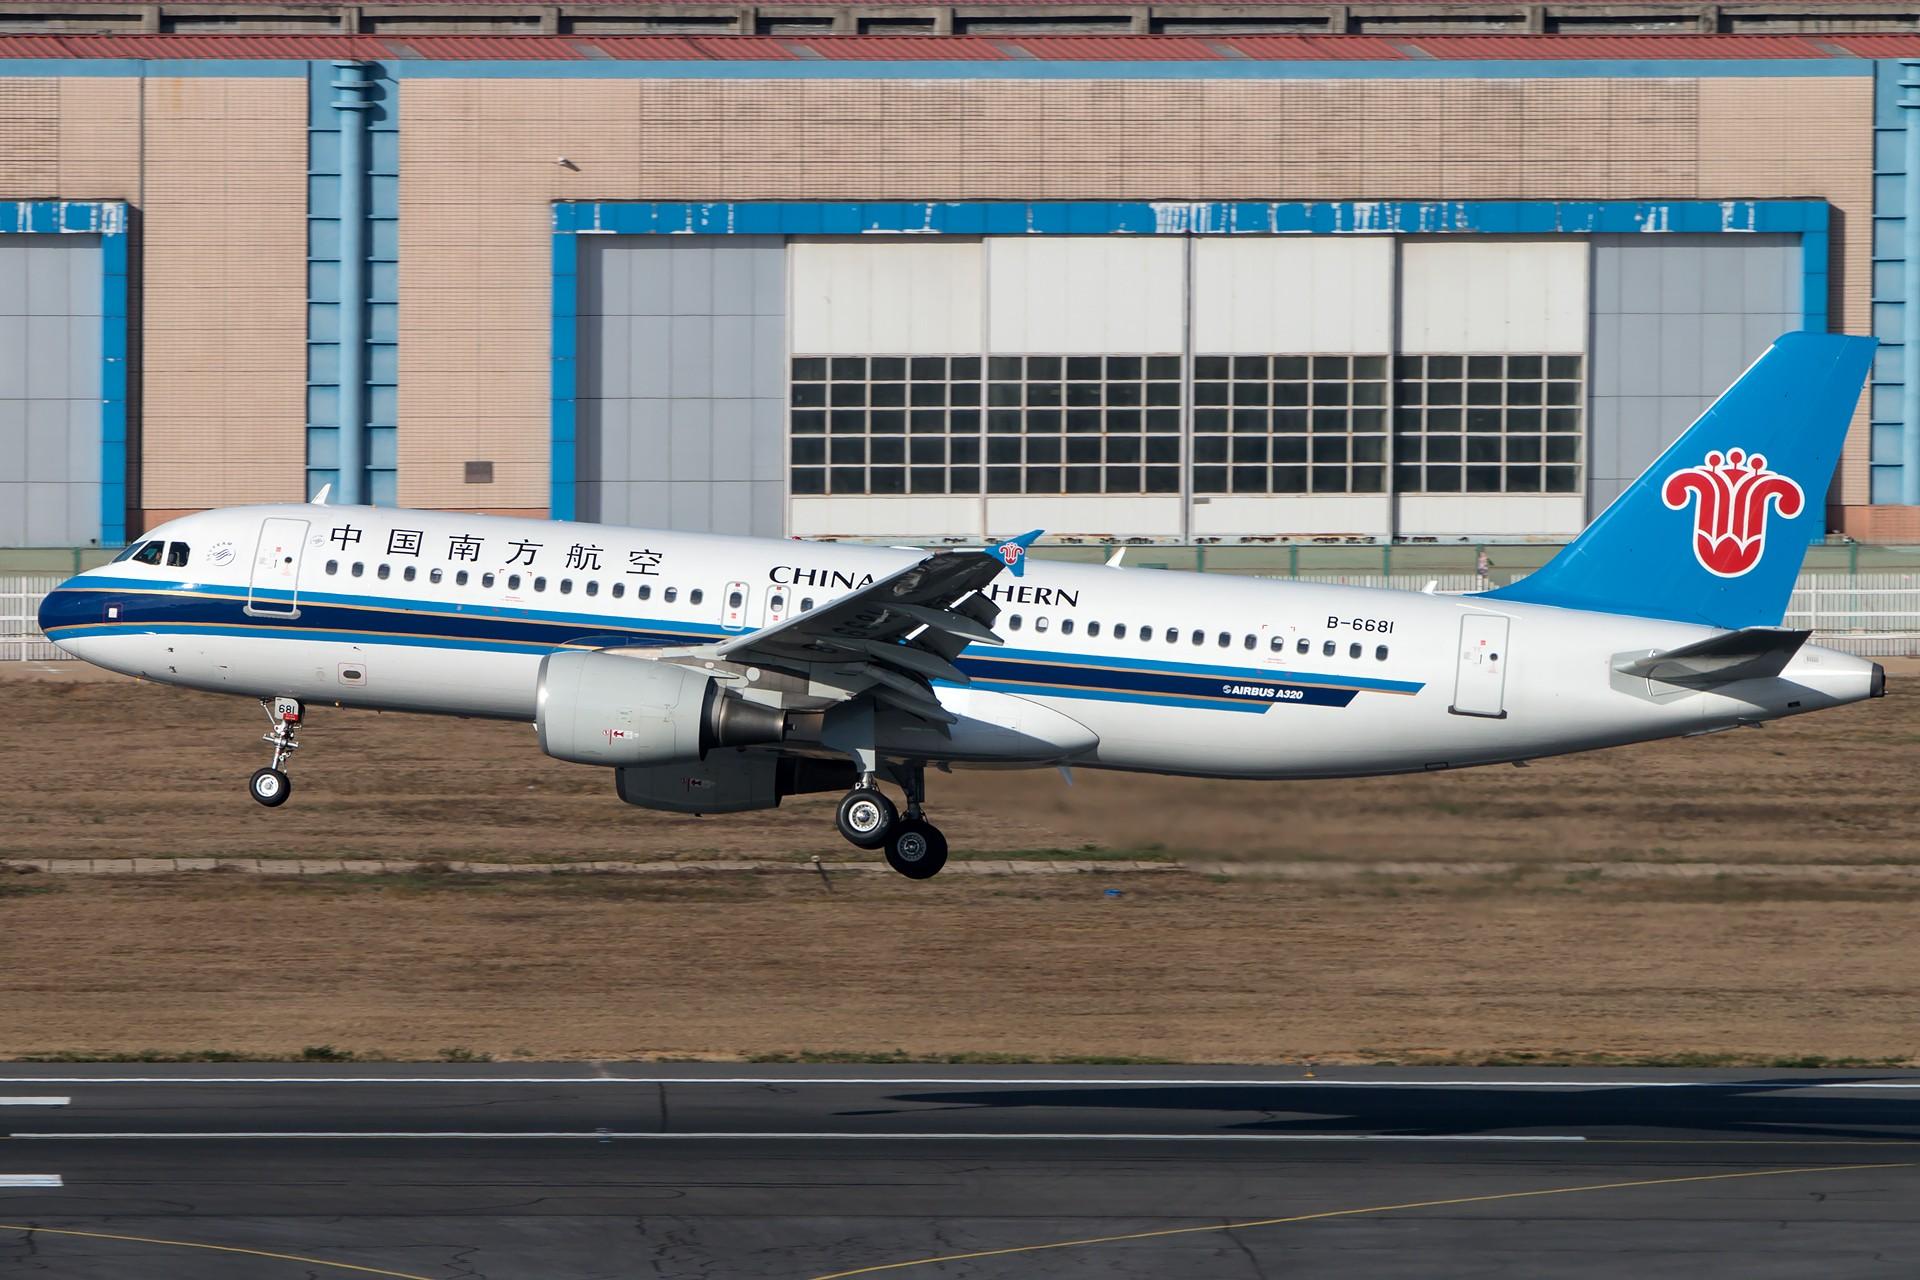 [原创][一图党]中国南方航空 B-6681 A320 1920*1280 AIRBUS A320-200 B-6681 中国大连国际机场